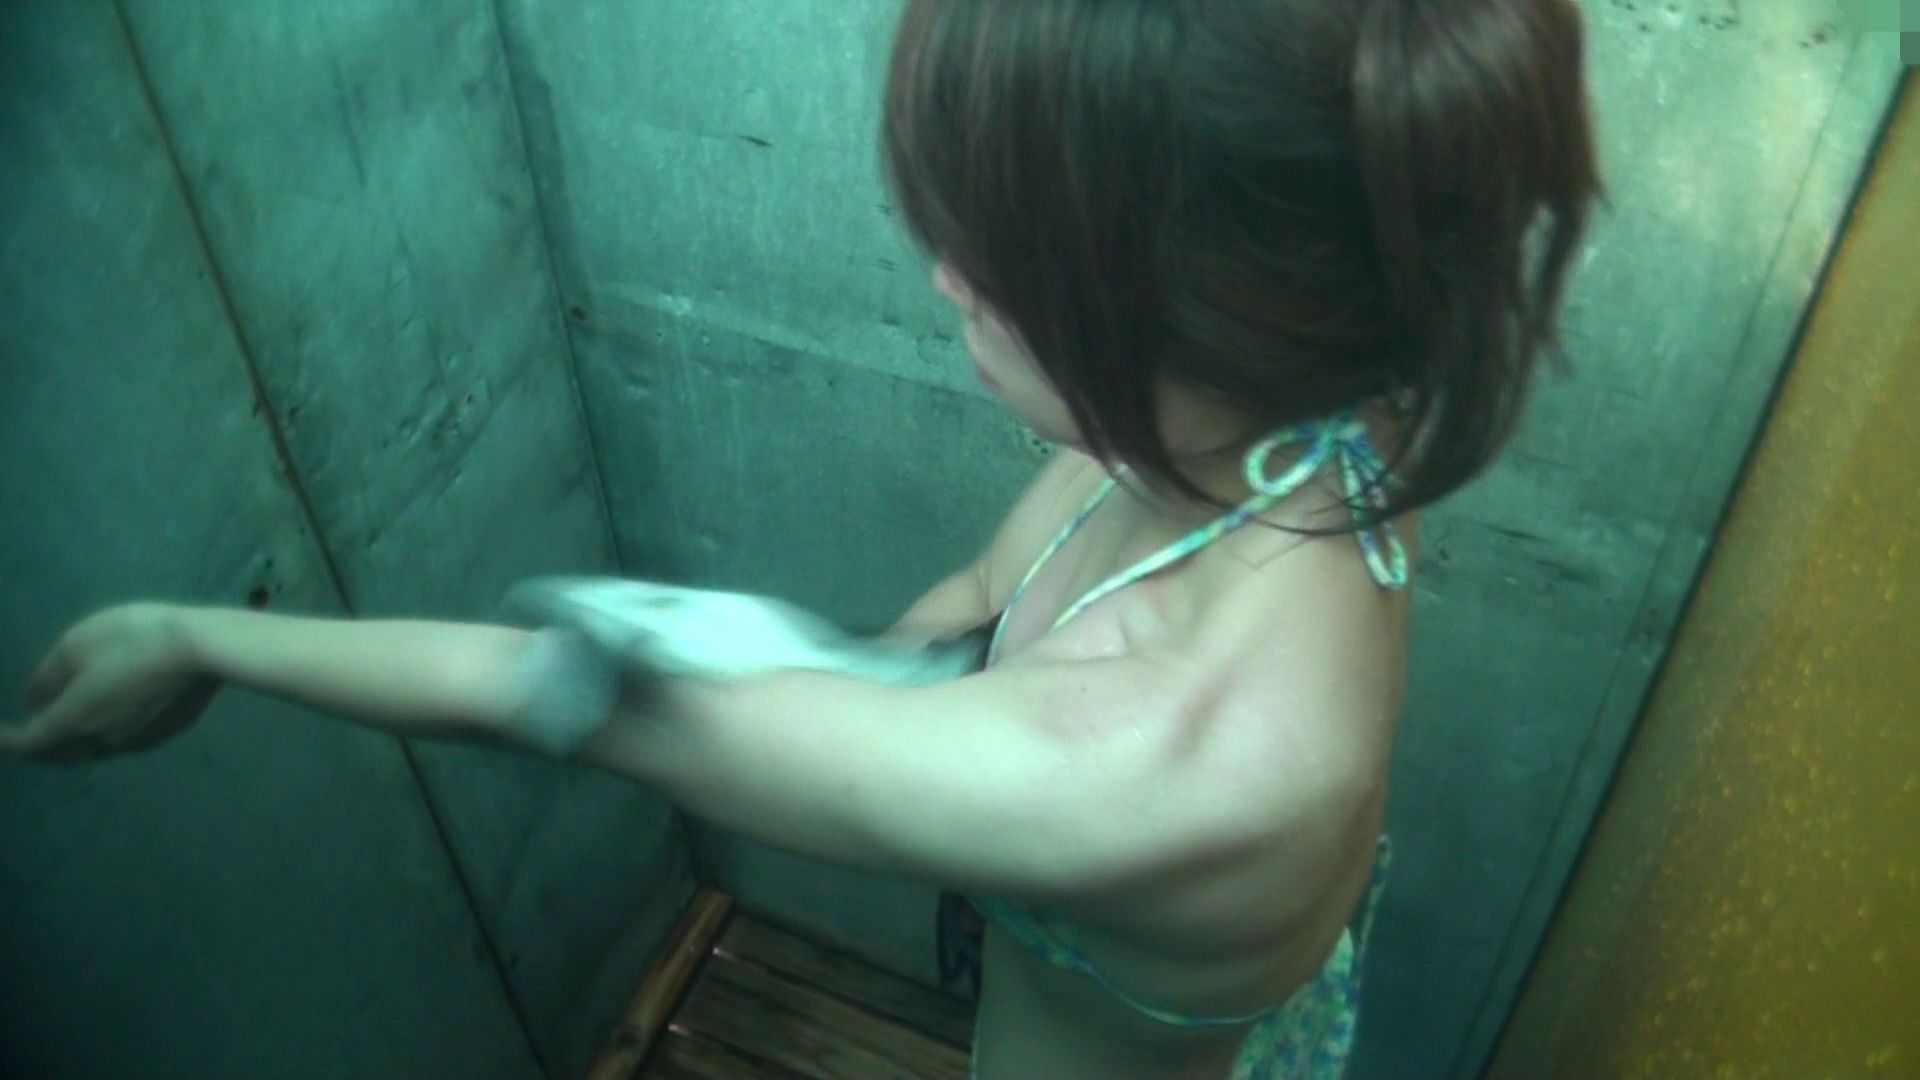 シャワールームは超!!危険な香りVol.15 残念ですが乳首未確認 マンコの砂は入念に シャワー オメコ動画キャプチャ 70pic 9